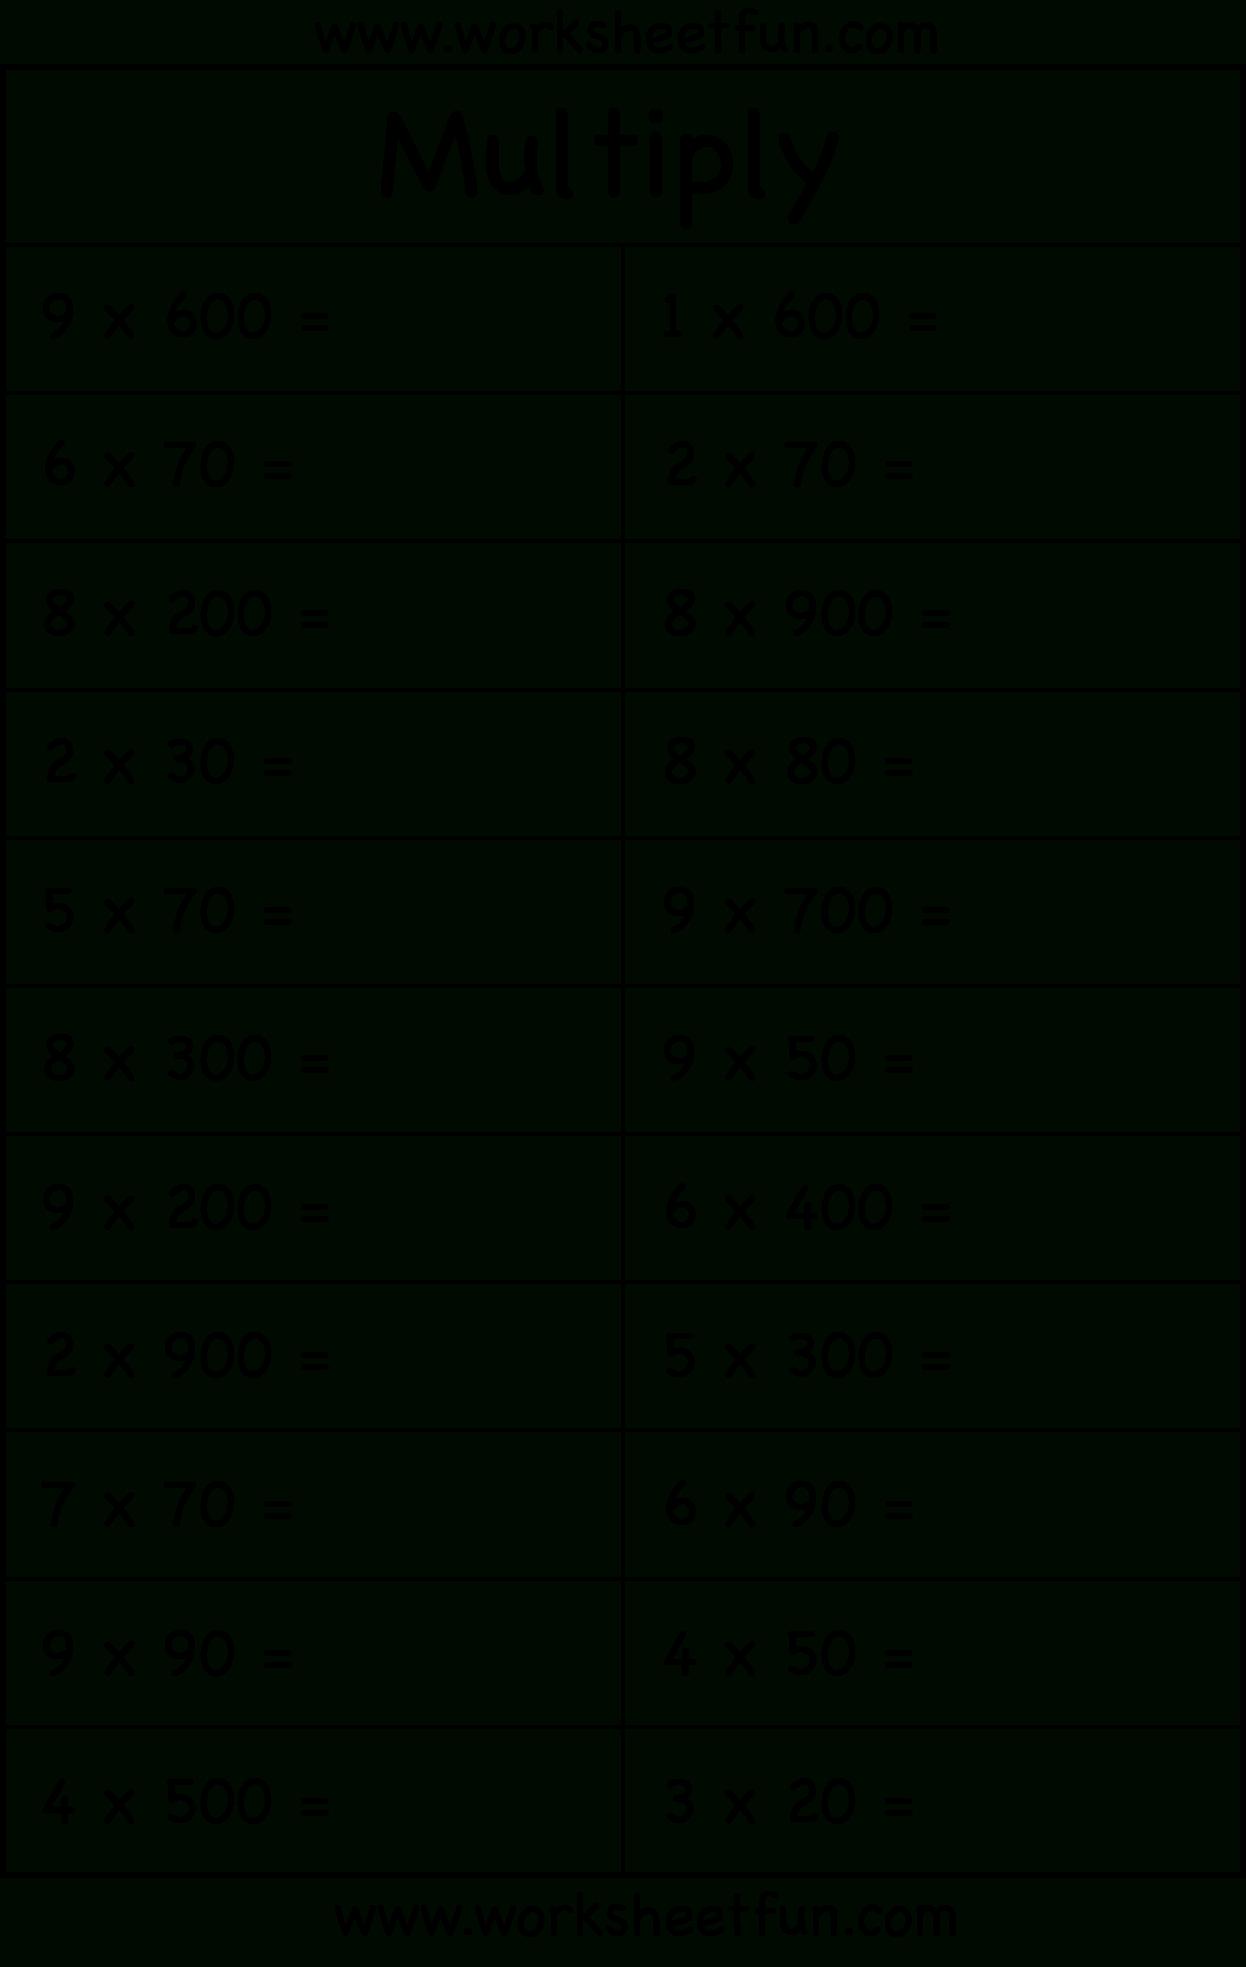 Multiplyingmultiples Of 10 Worksheet & Common Worksheets regarding Multiplication Worksheets Multiples Of 10